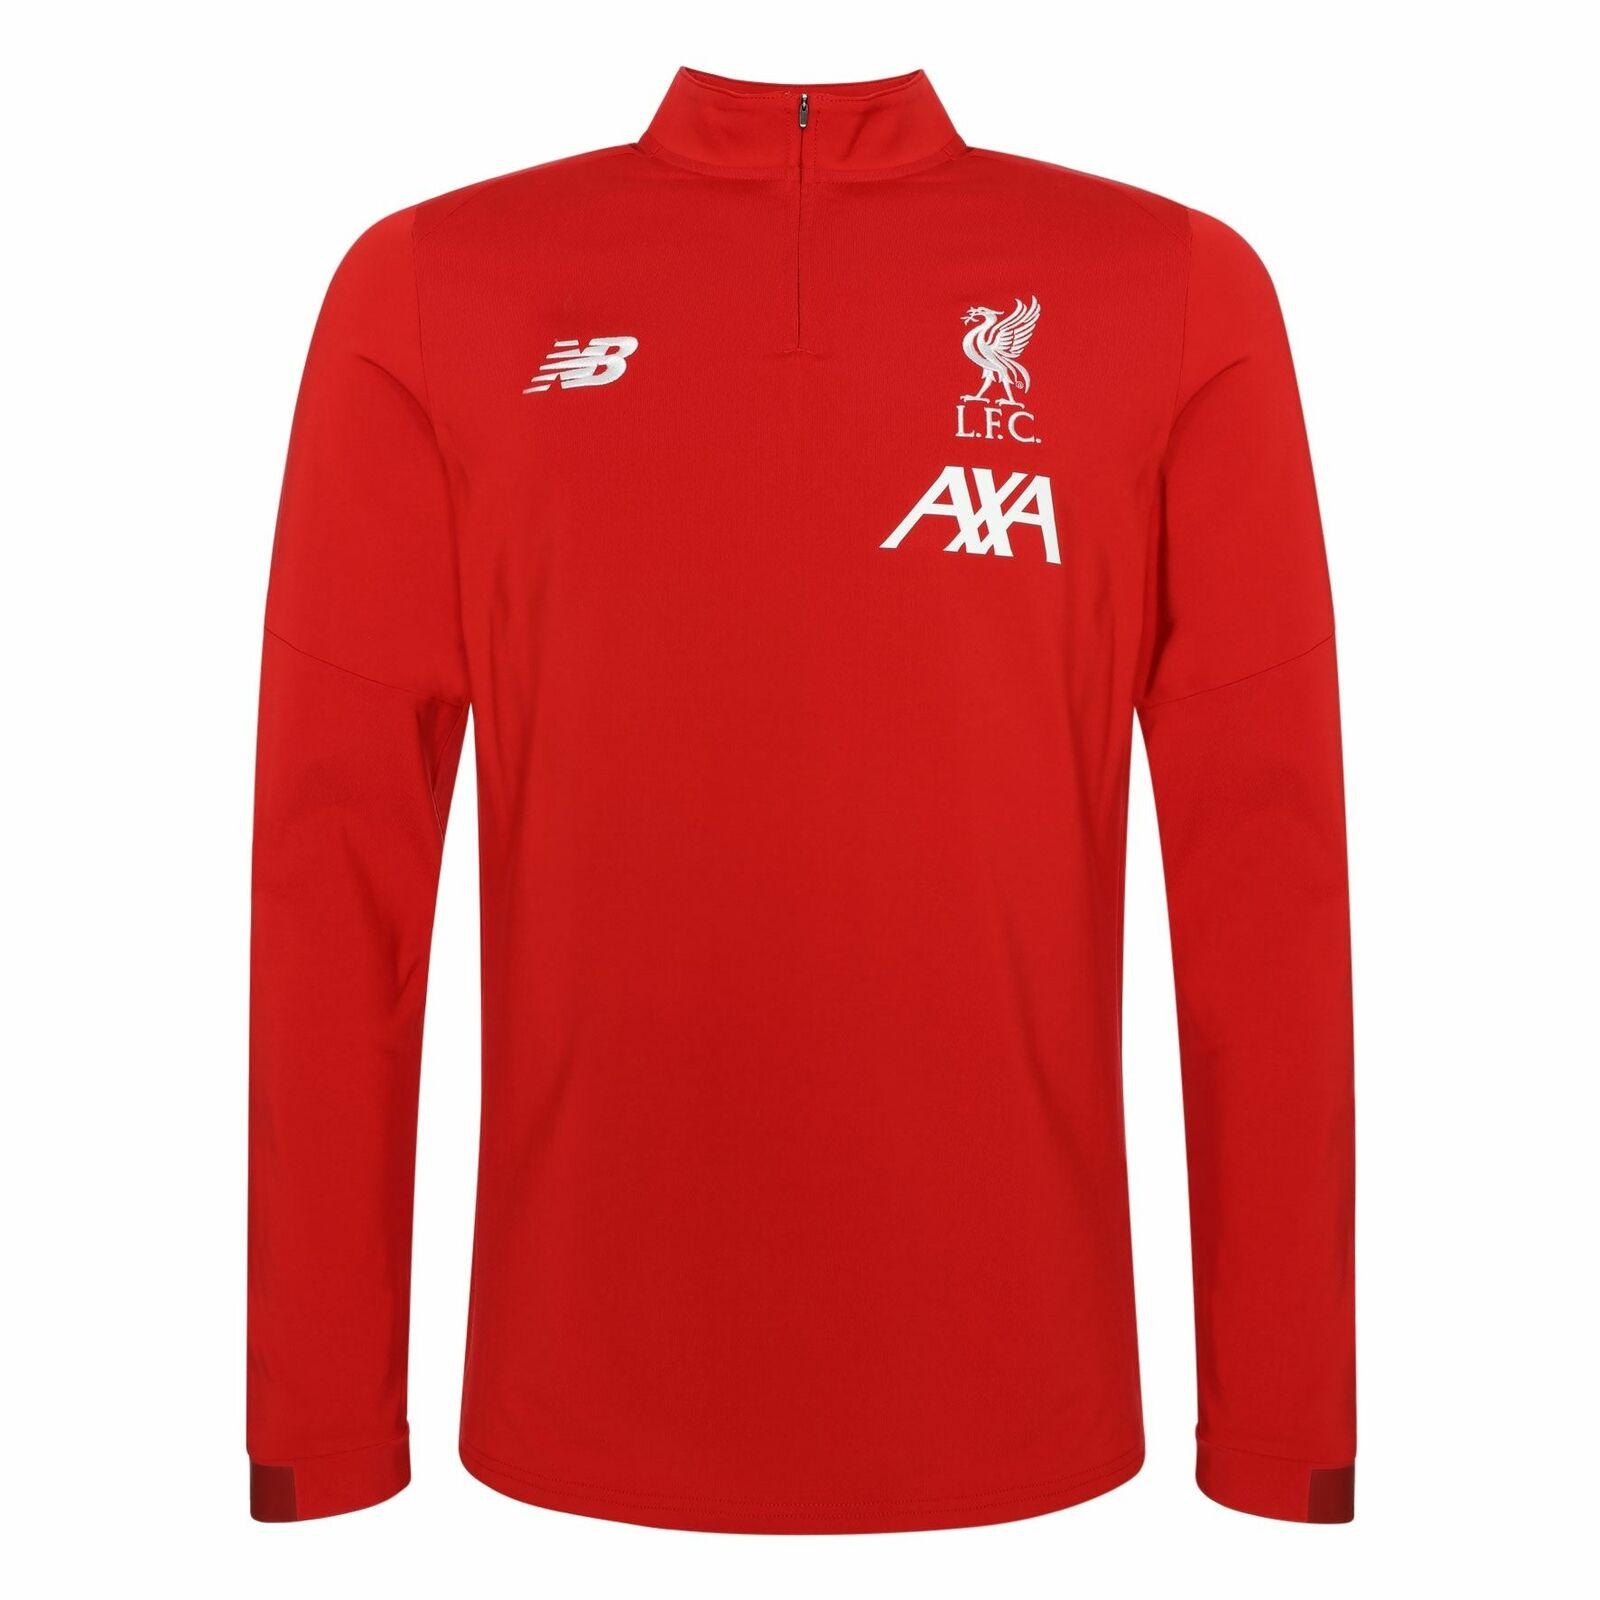 Liverpool FC Hombres Entrenamiento Rojo en tono  Midlayer Camisa 19 20 LFC oficial  protección post-venta